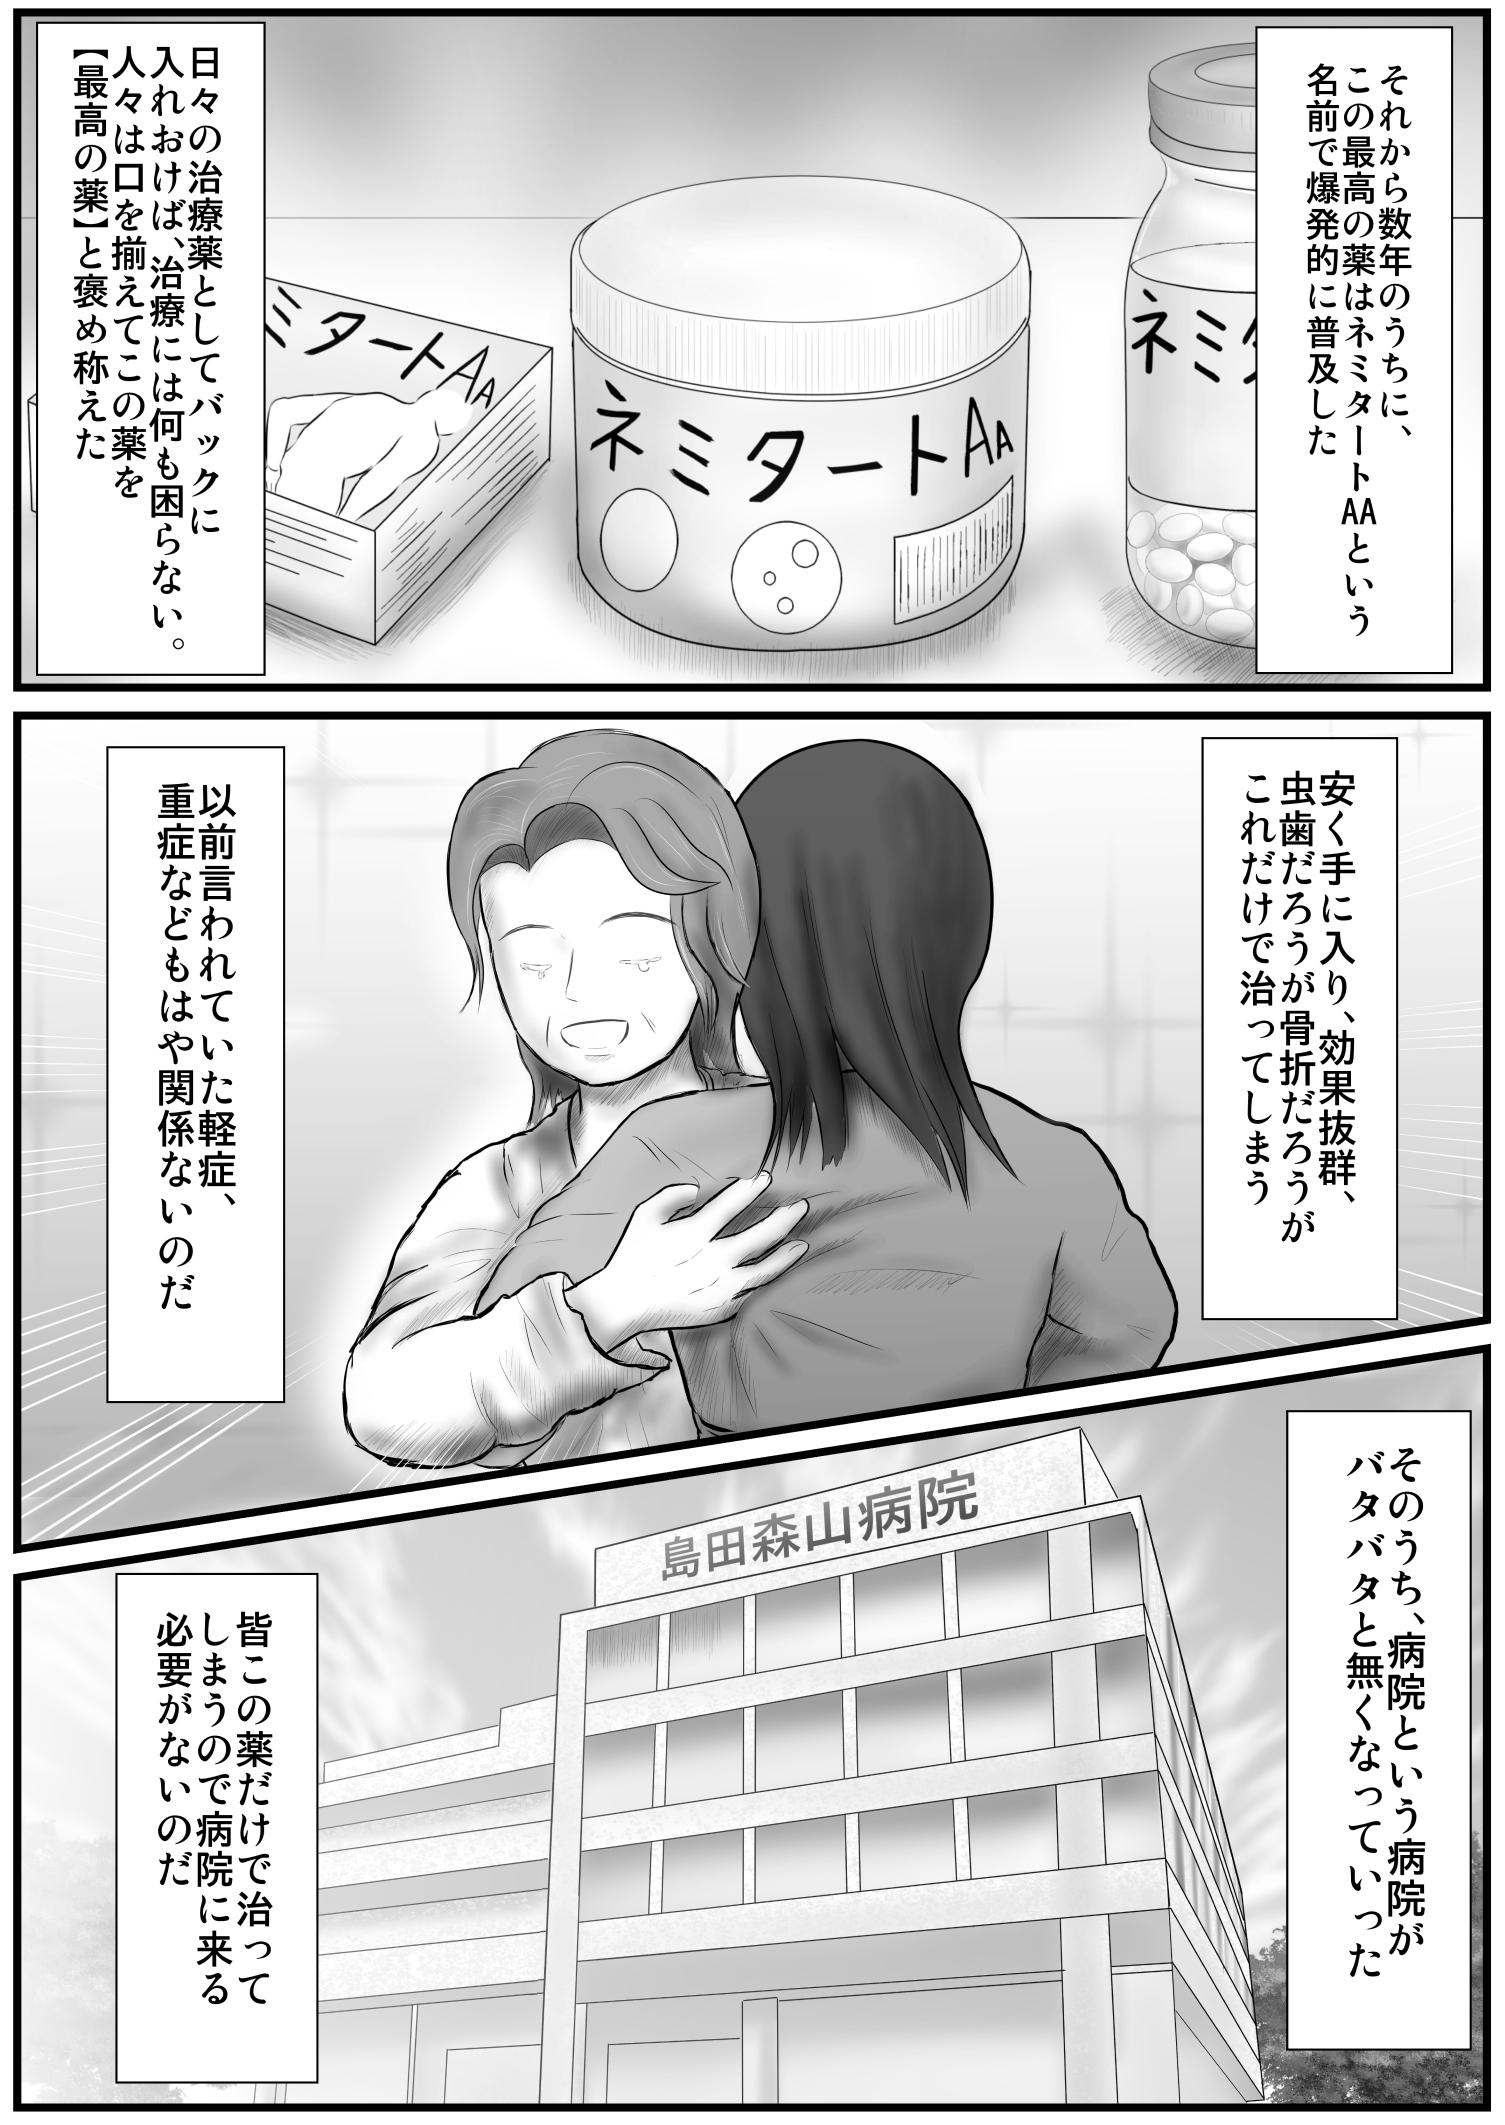 2019-4-13 最高の薬_003